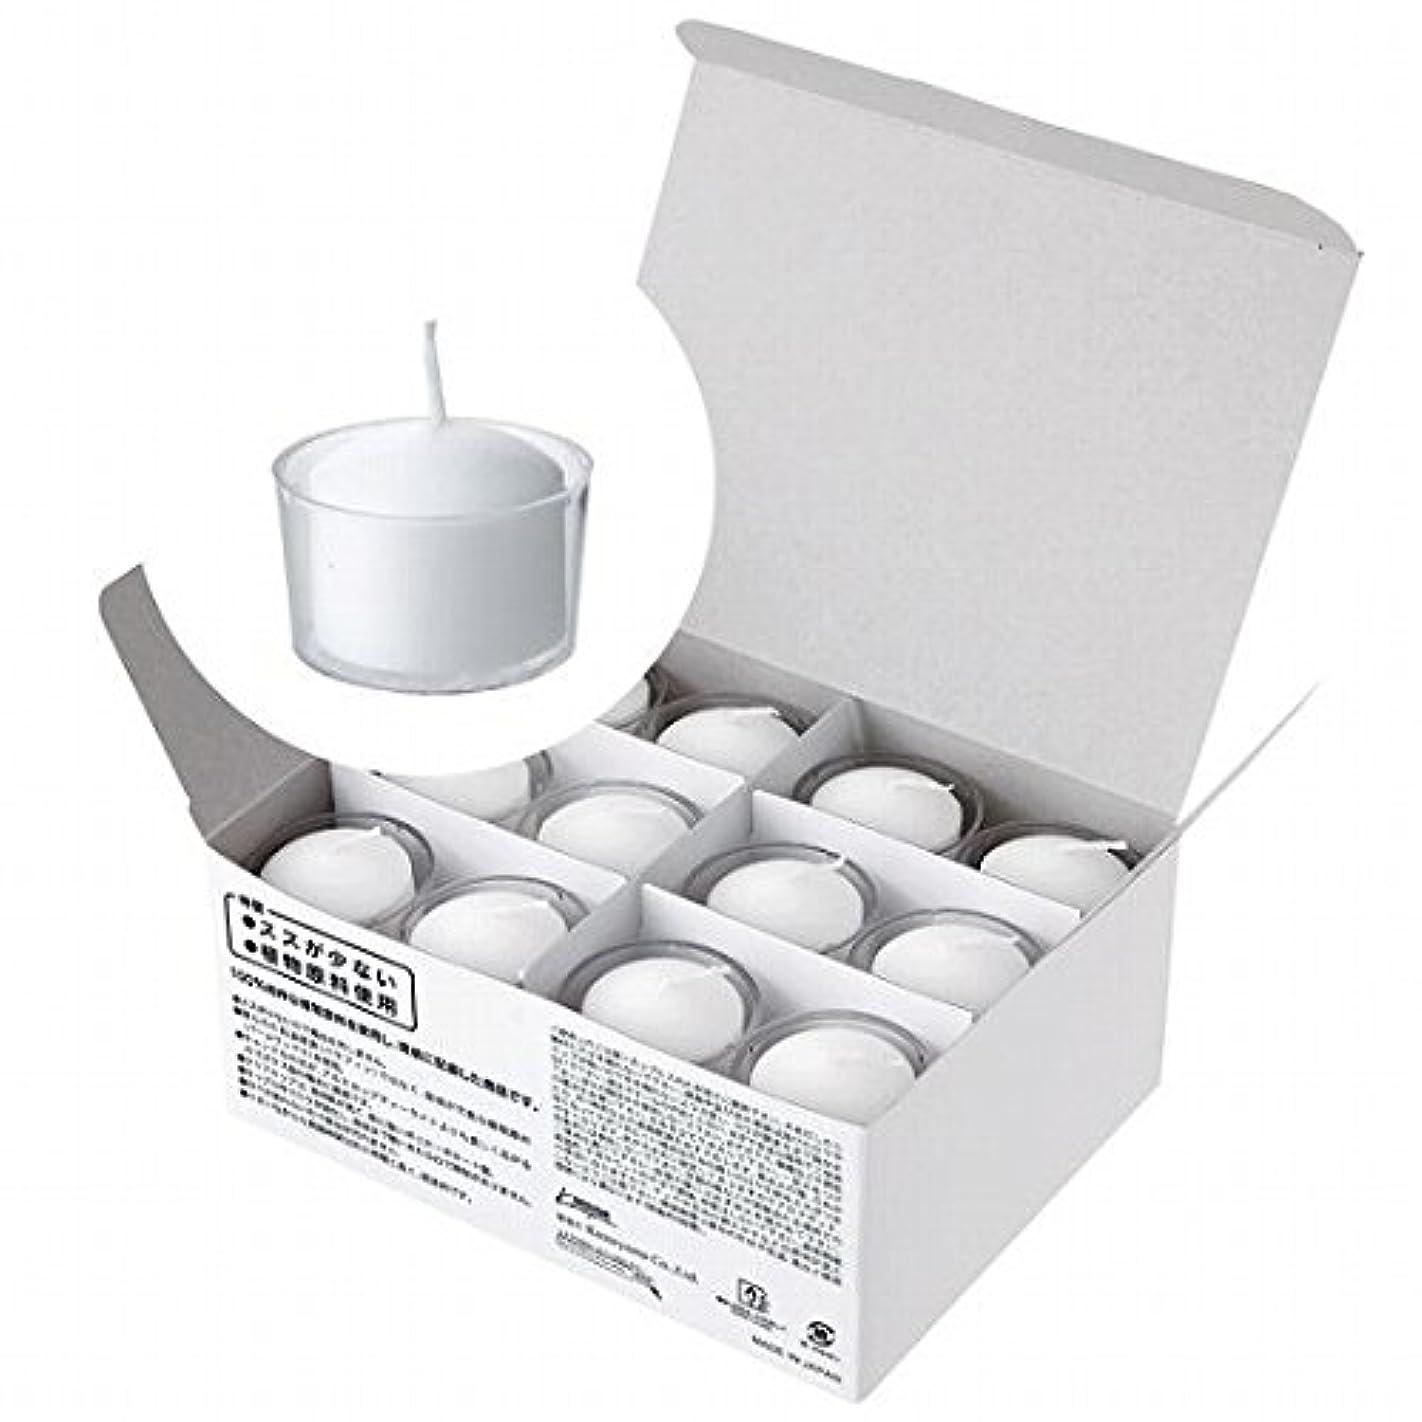 保険宝かわすカメヤマキャンドル(kameyama candle) クレア 5時間タイプ24個入り【ススが出にくいキャンドル】「 ホワイト 」